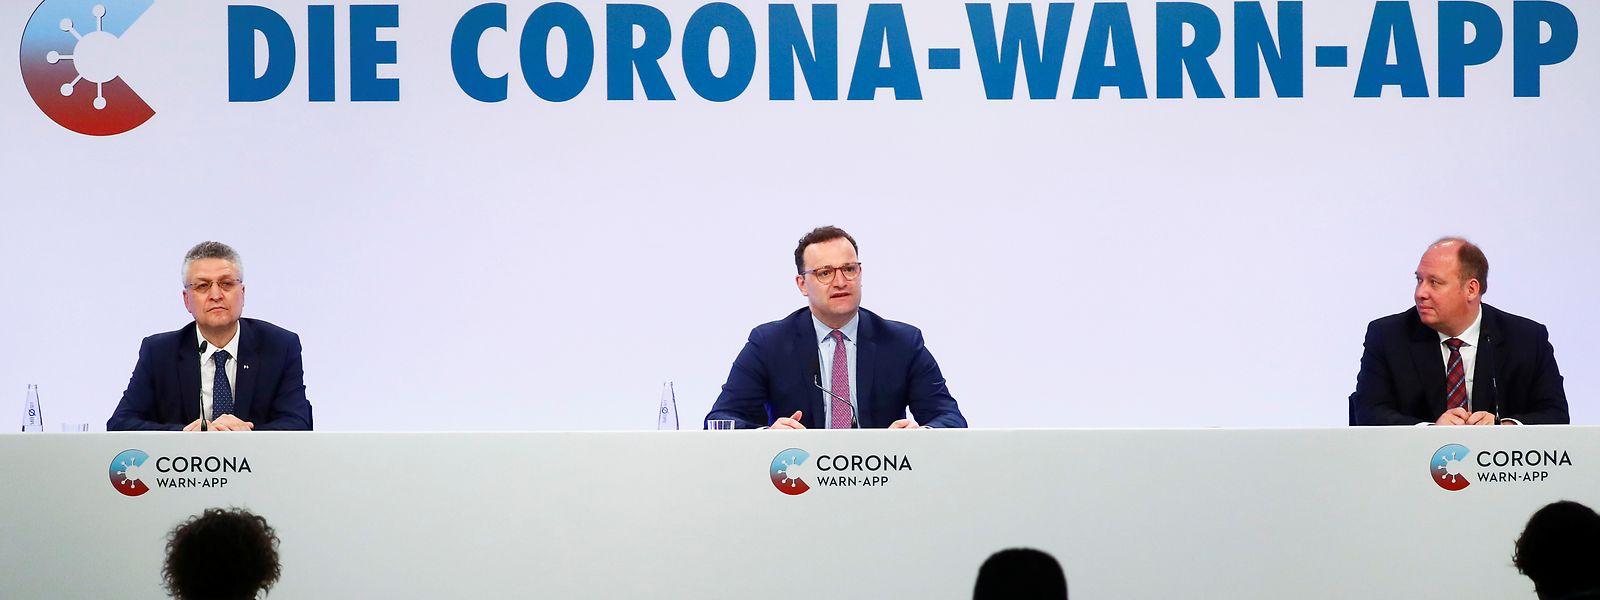 Lothar H. Wieler, Präsident des Robert Koch-Instituts (l-r, RKI), Bundesgesundheitsminister Jens Spahn (CDU) und Helge Braun (CDU), Chef des Bundeskanzleramts.